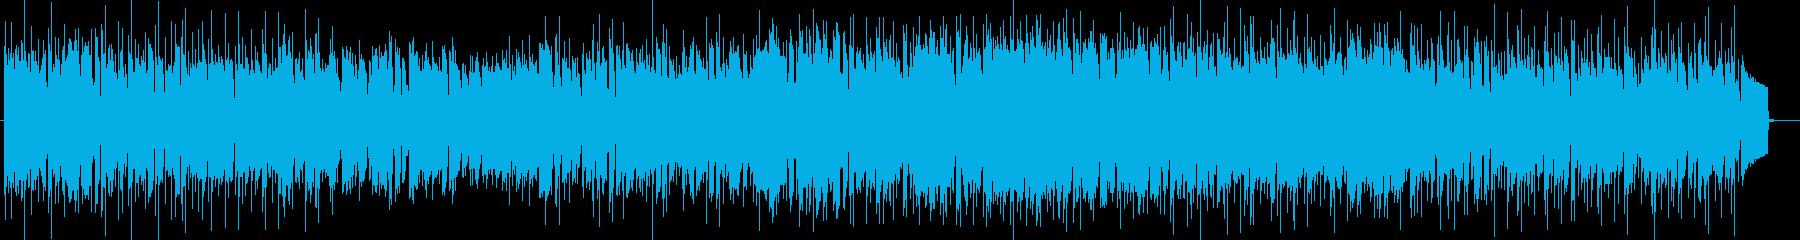 メロディアスなリラクゼーションサウンドの再生済みの波形